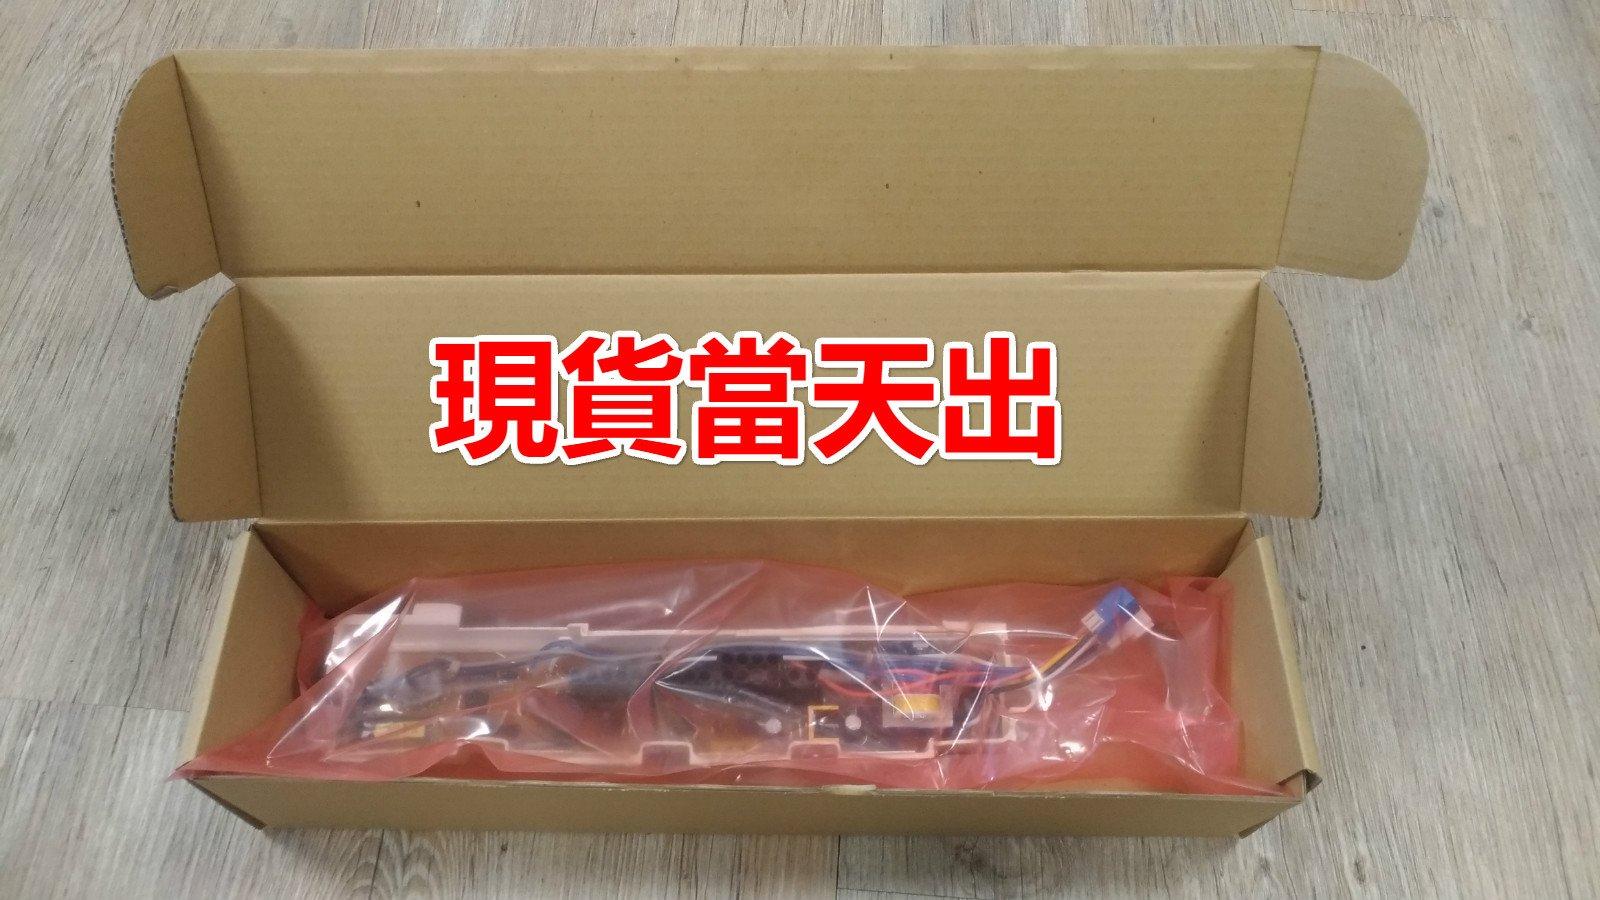 三洋 洗衣機 81HT 86HT ASW-87HT B (翻修良品) 控制 電路板 IC板 主機板 sanyo 二手 87htb 基板